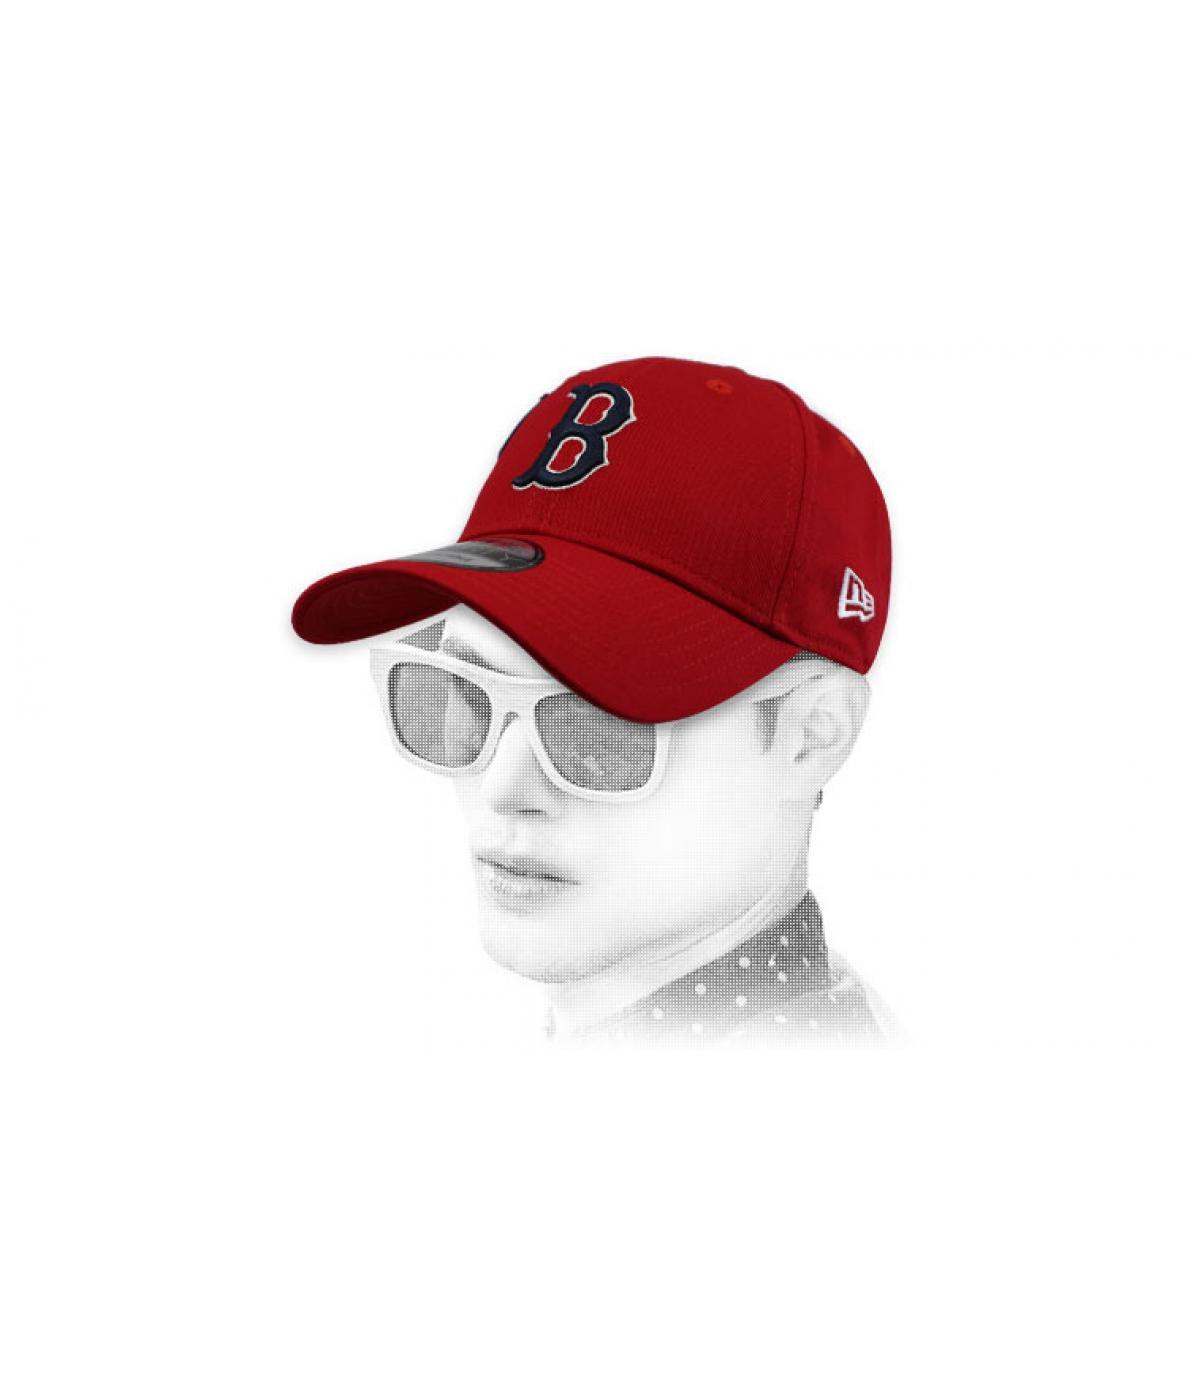 red B cap